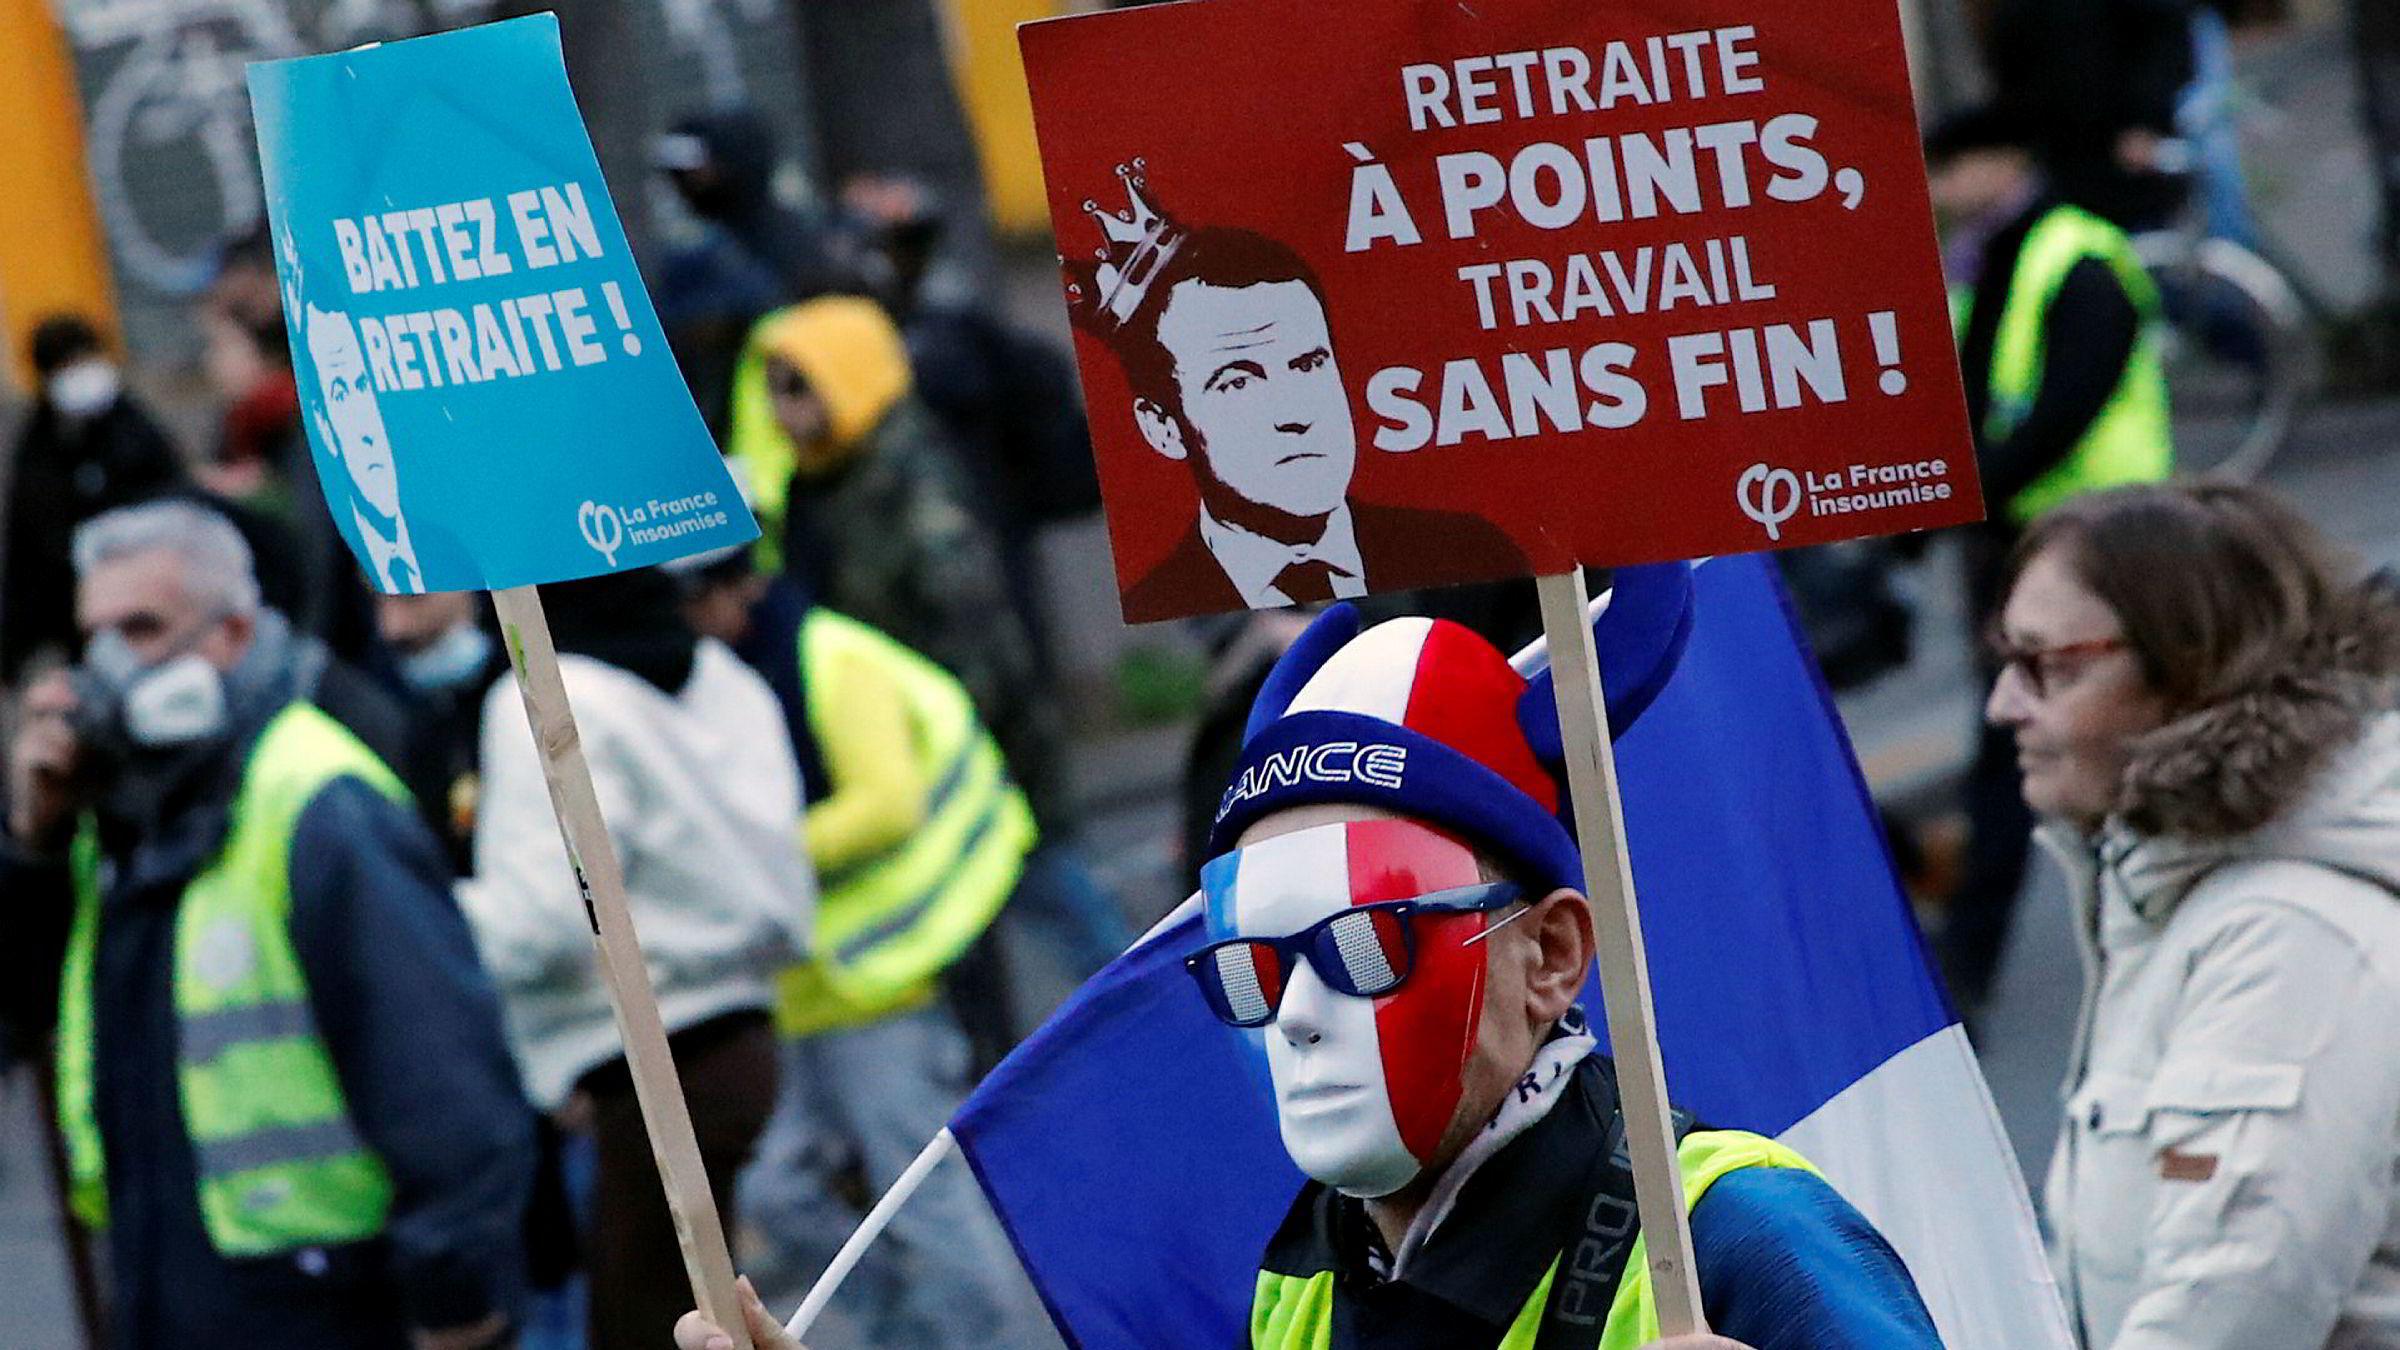 Demonstranter protesterte lørdag mot de planlagte pensjonsreformene i Frankrike. Frankrikes statsminister Édouard Philippe oppfordrer fagforeningene i landet til å avslutte streikene som har lammet landet i 40 dager. Foto: François Mori / AP / NTB scanpix